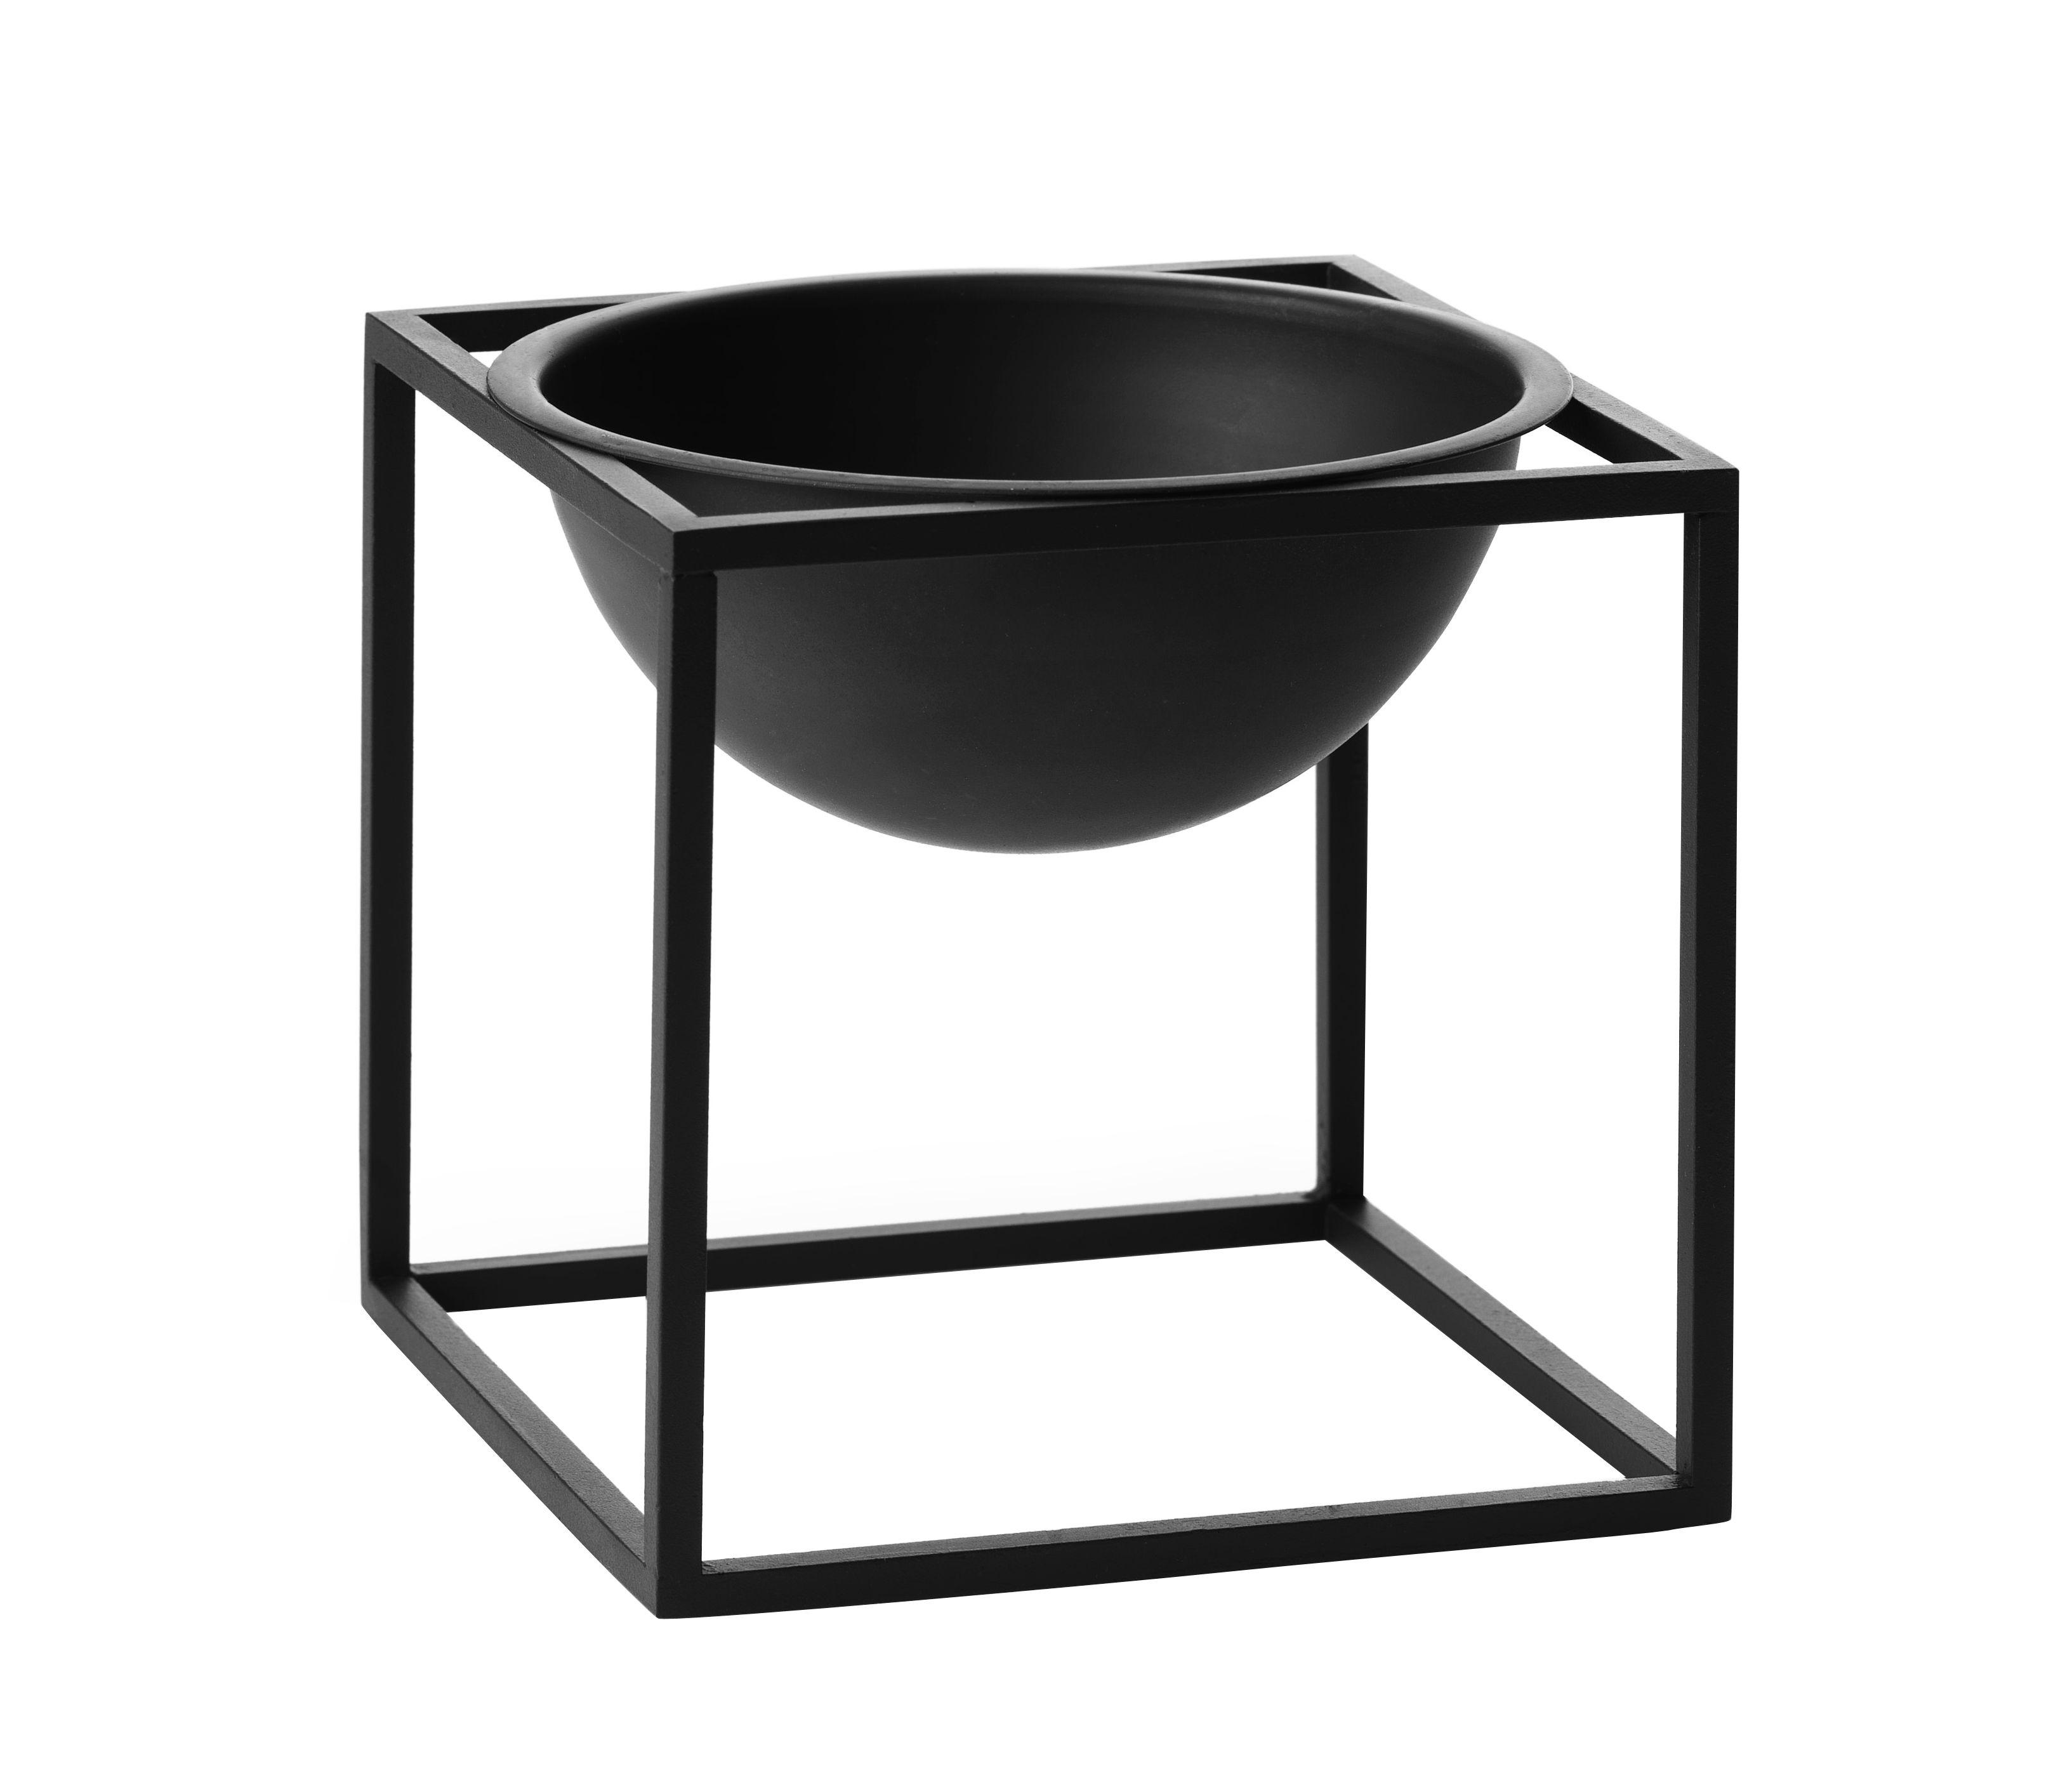 Déco - Corbeilles, centres de table, vide-poches - Coupe Kubus Small / H 14 cm - by Lassen - Noir - Acier laqué